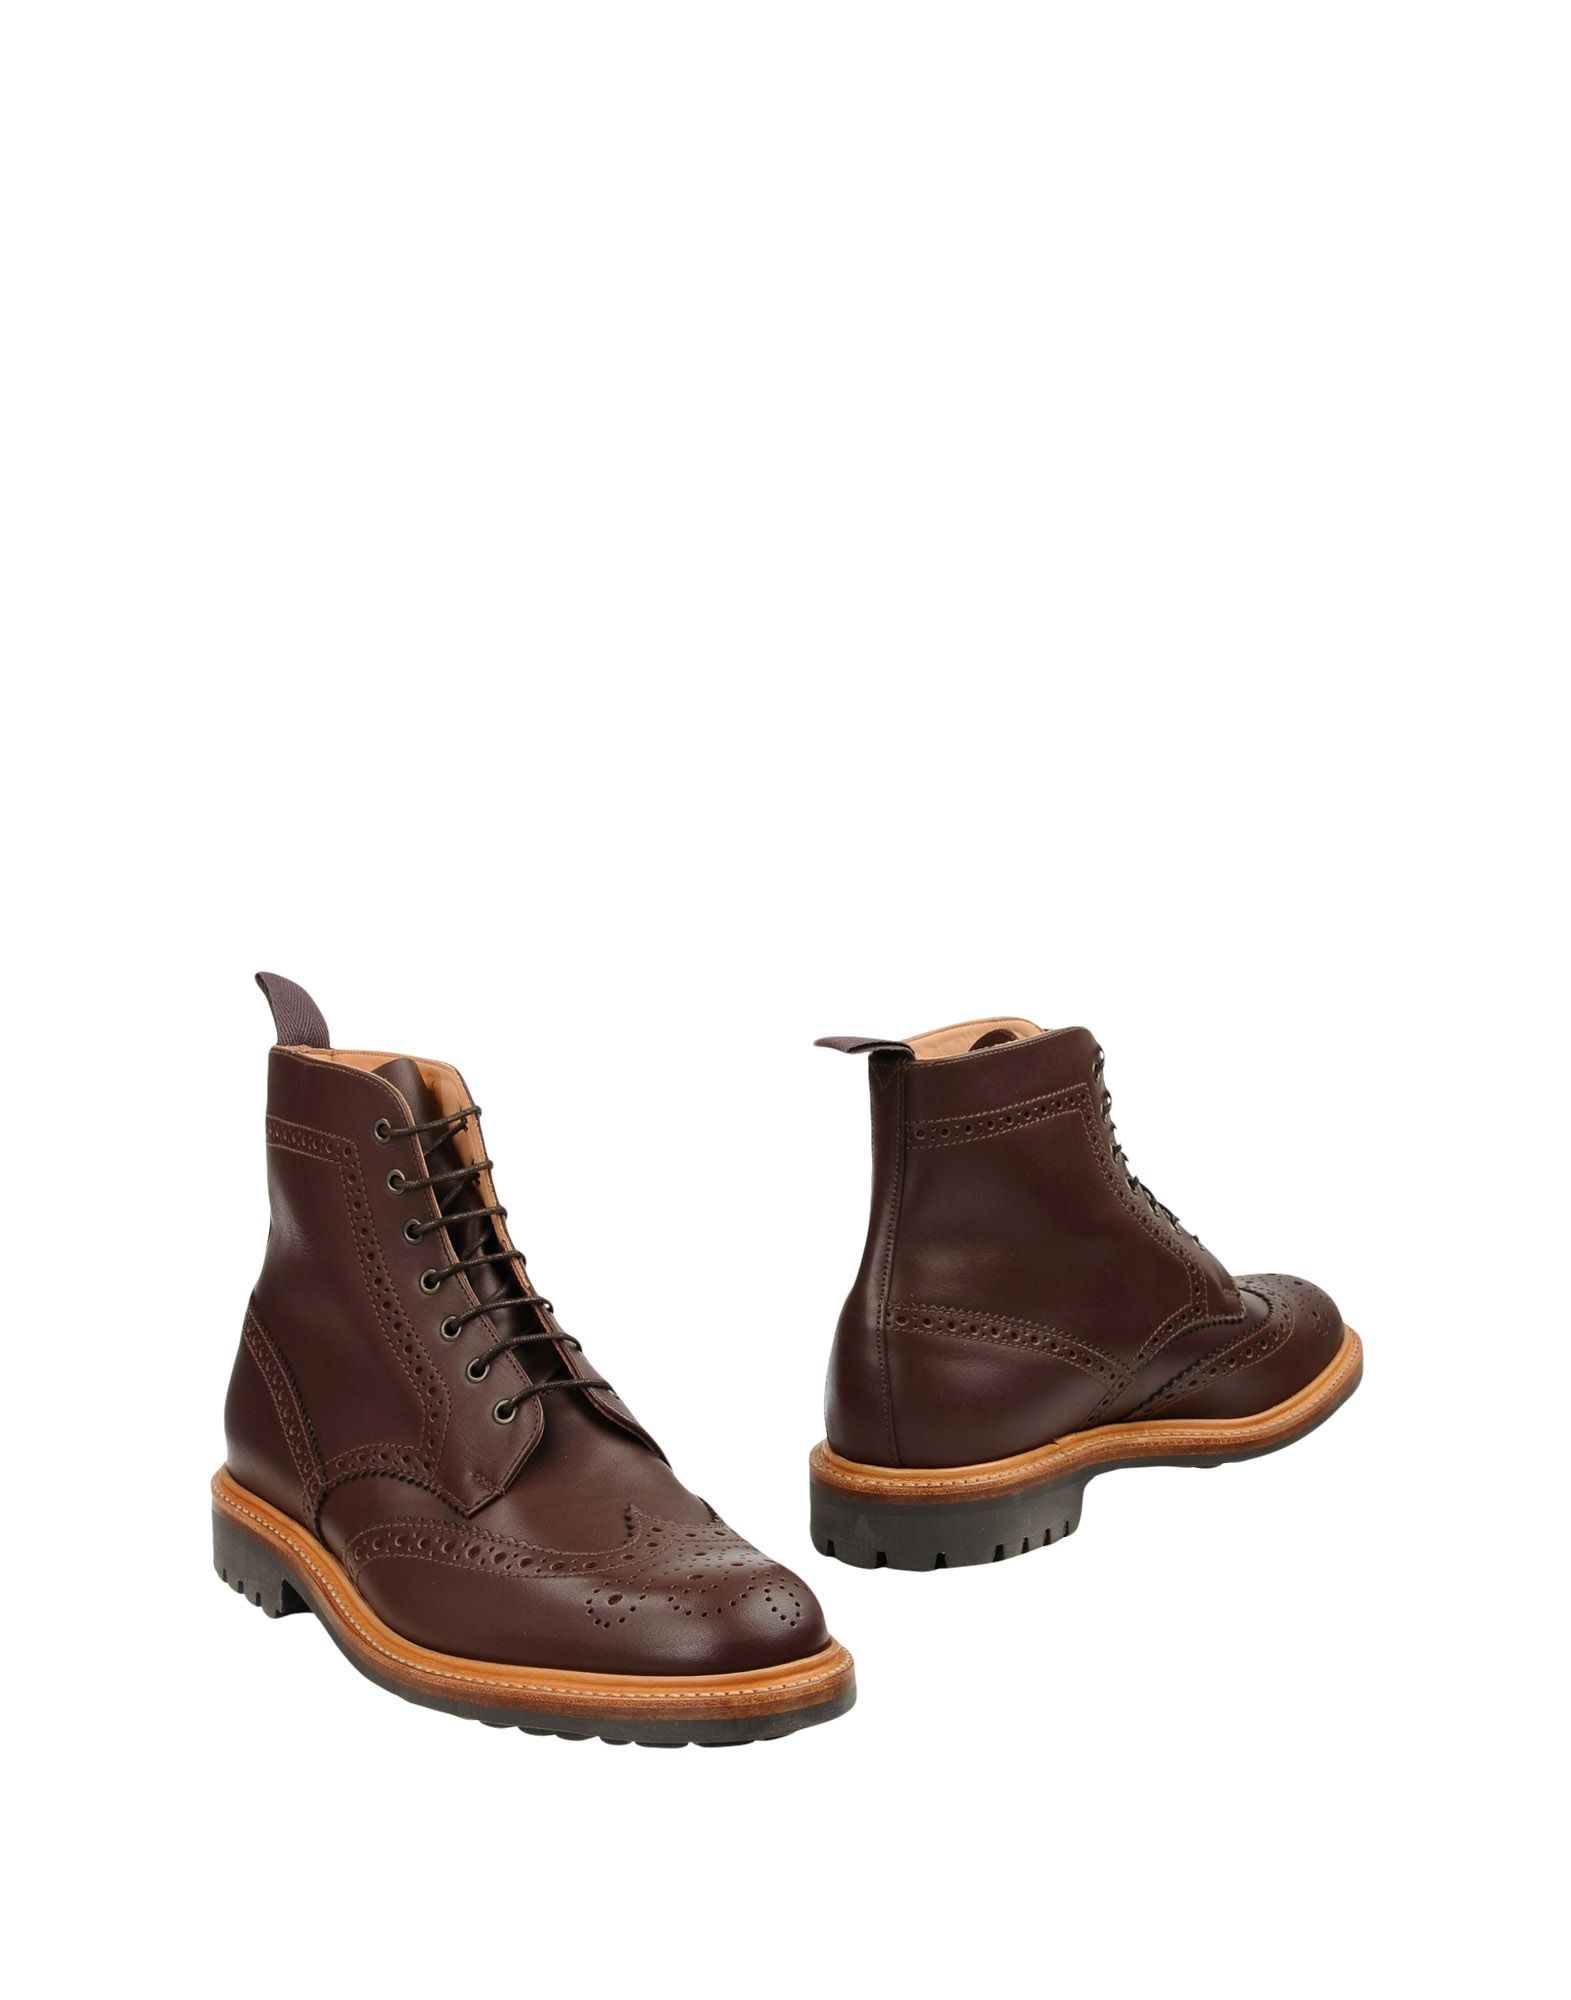 Sander's Stiefelette Herren  11358254XJ Gute Qualität beliebte Schuhe